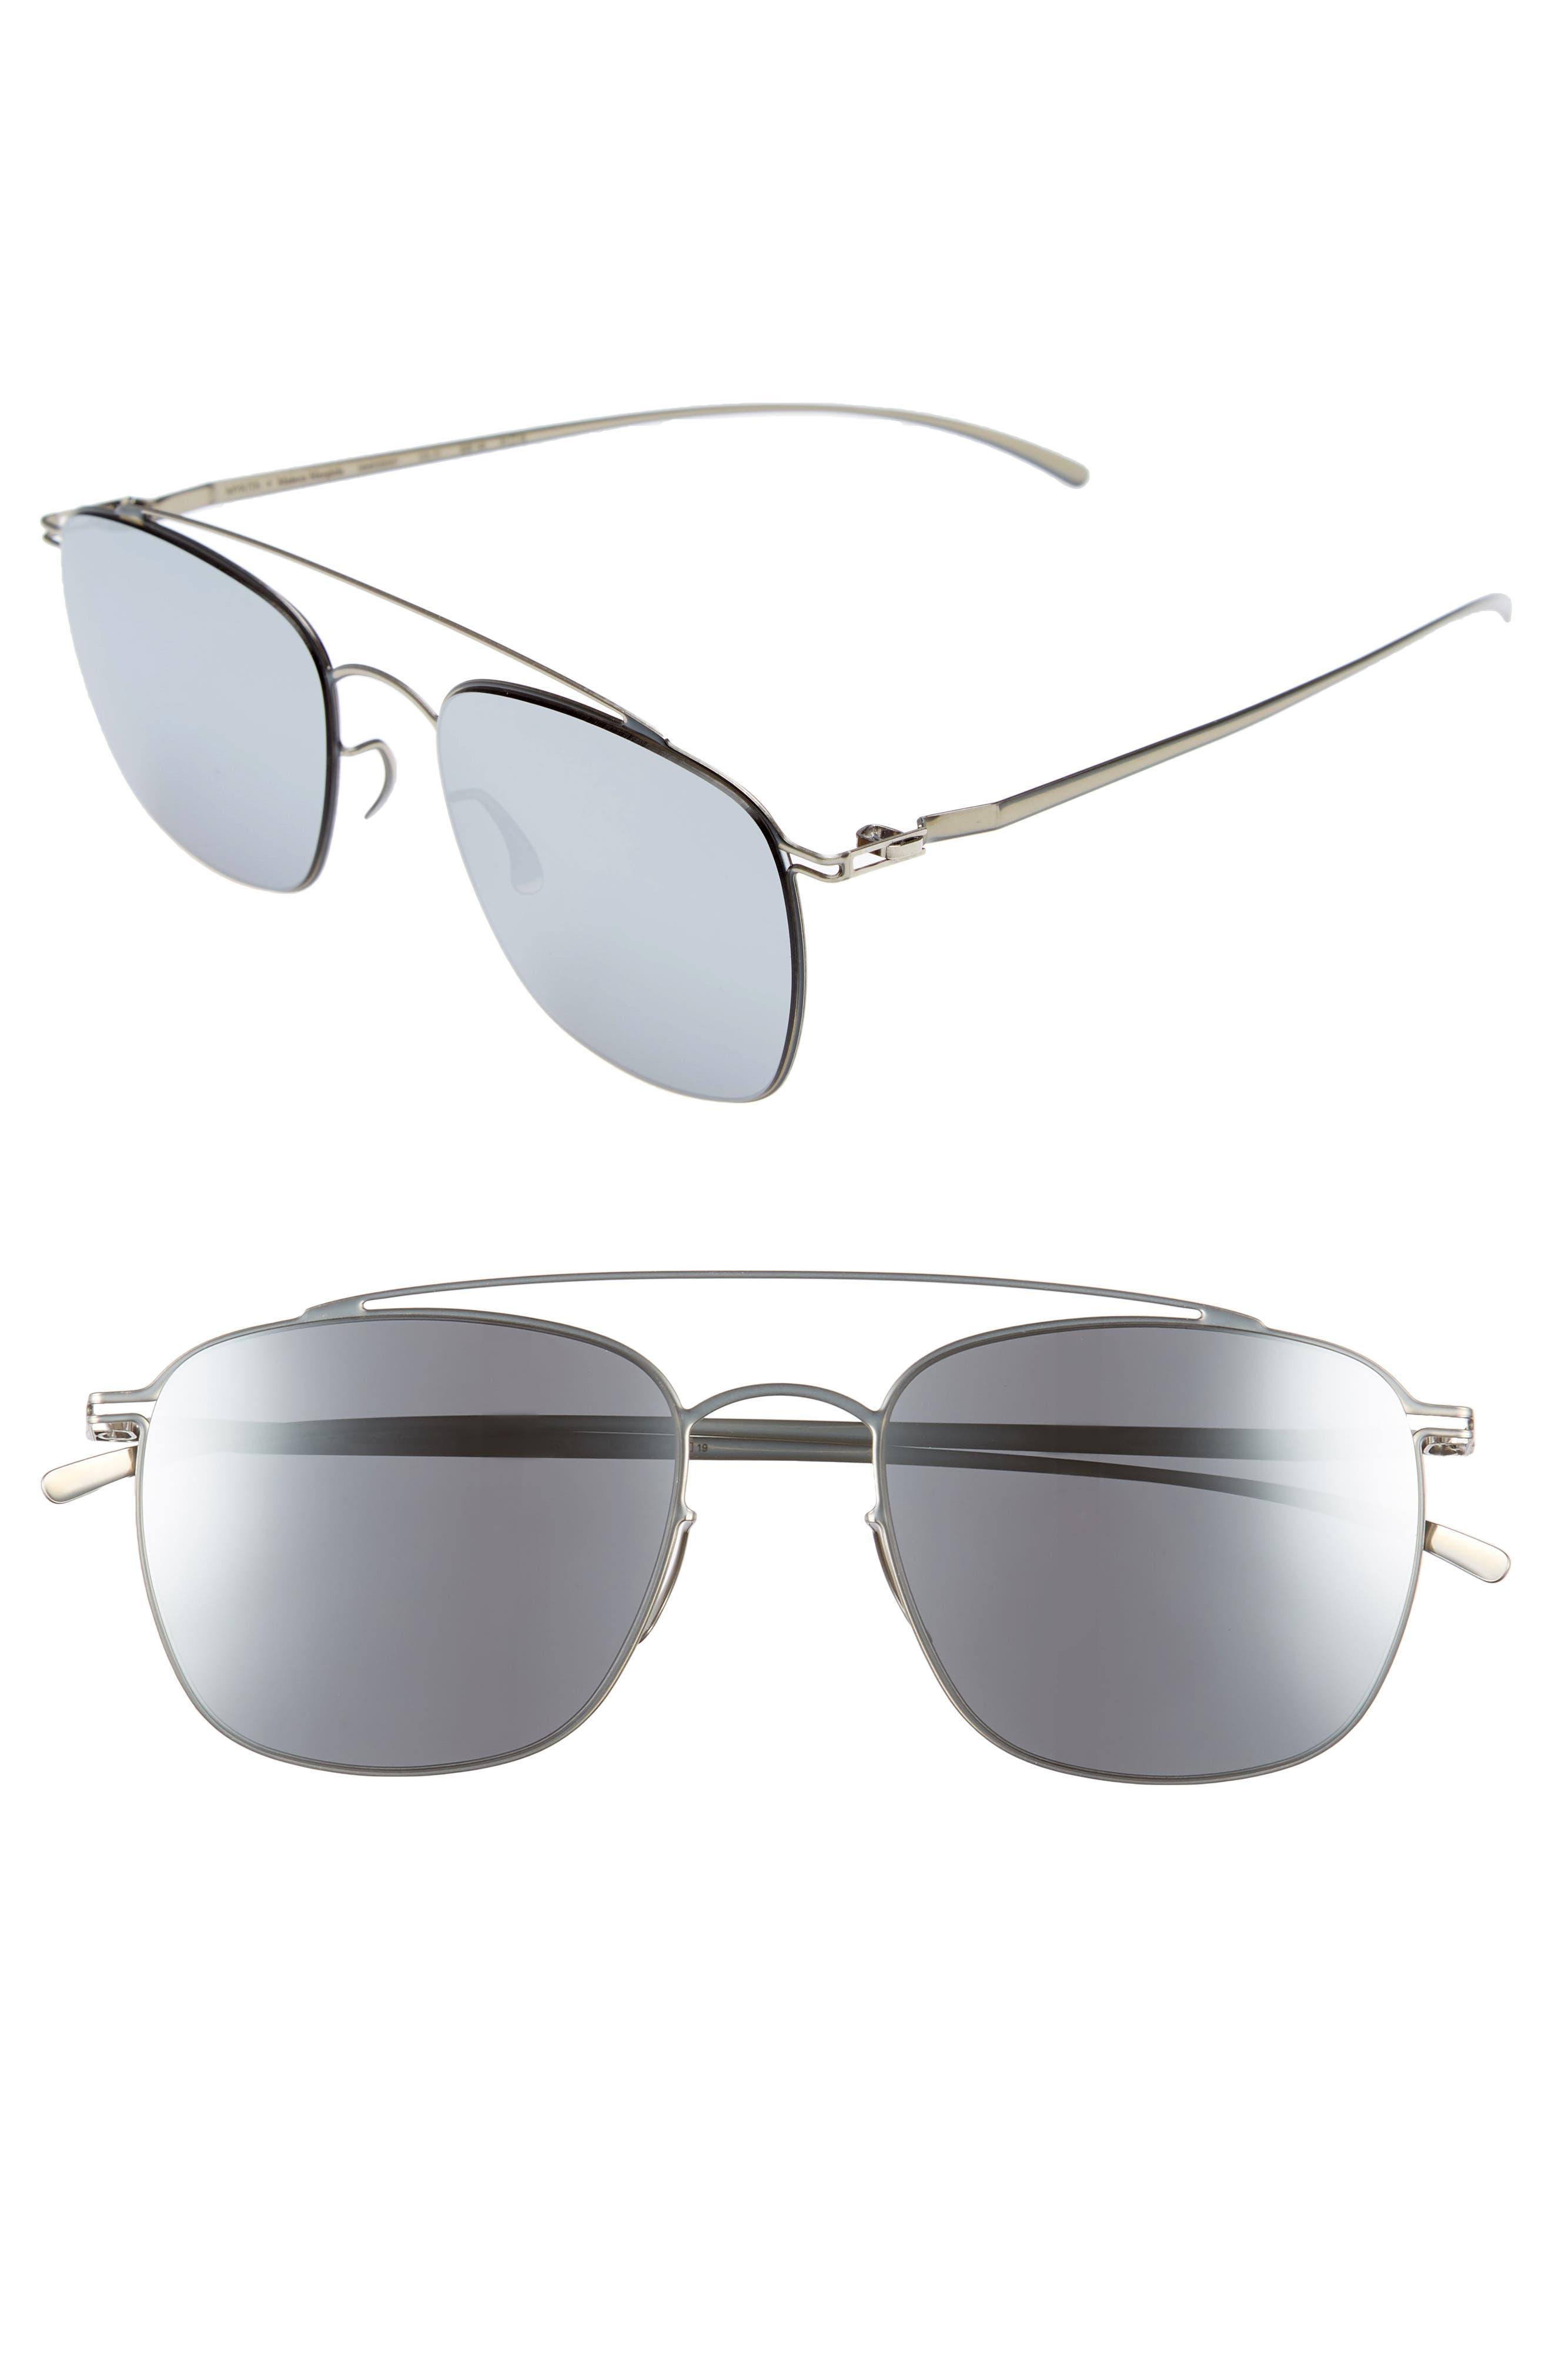 Main Image - MYKITA MMESSE007 51mm Aviator Sunglasses